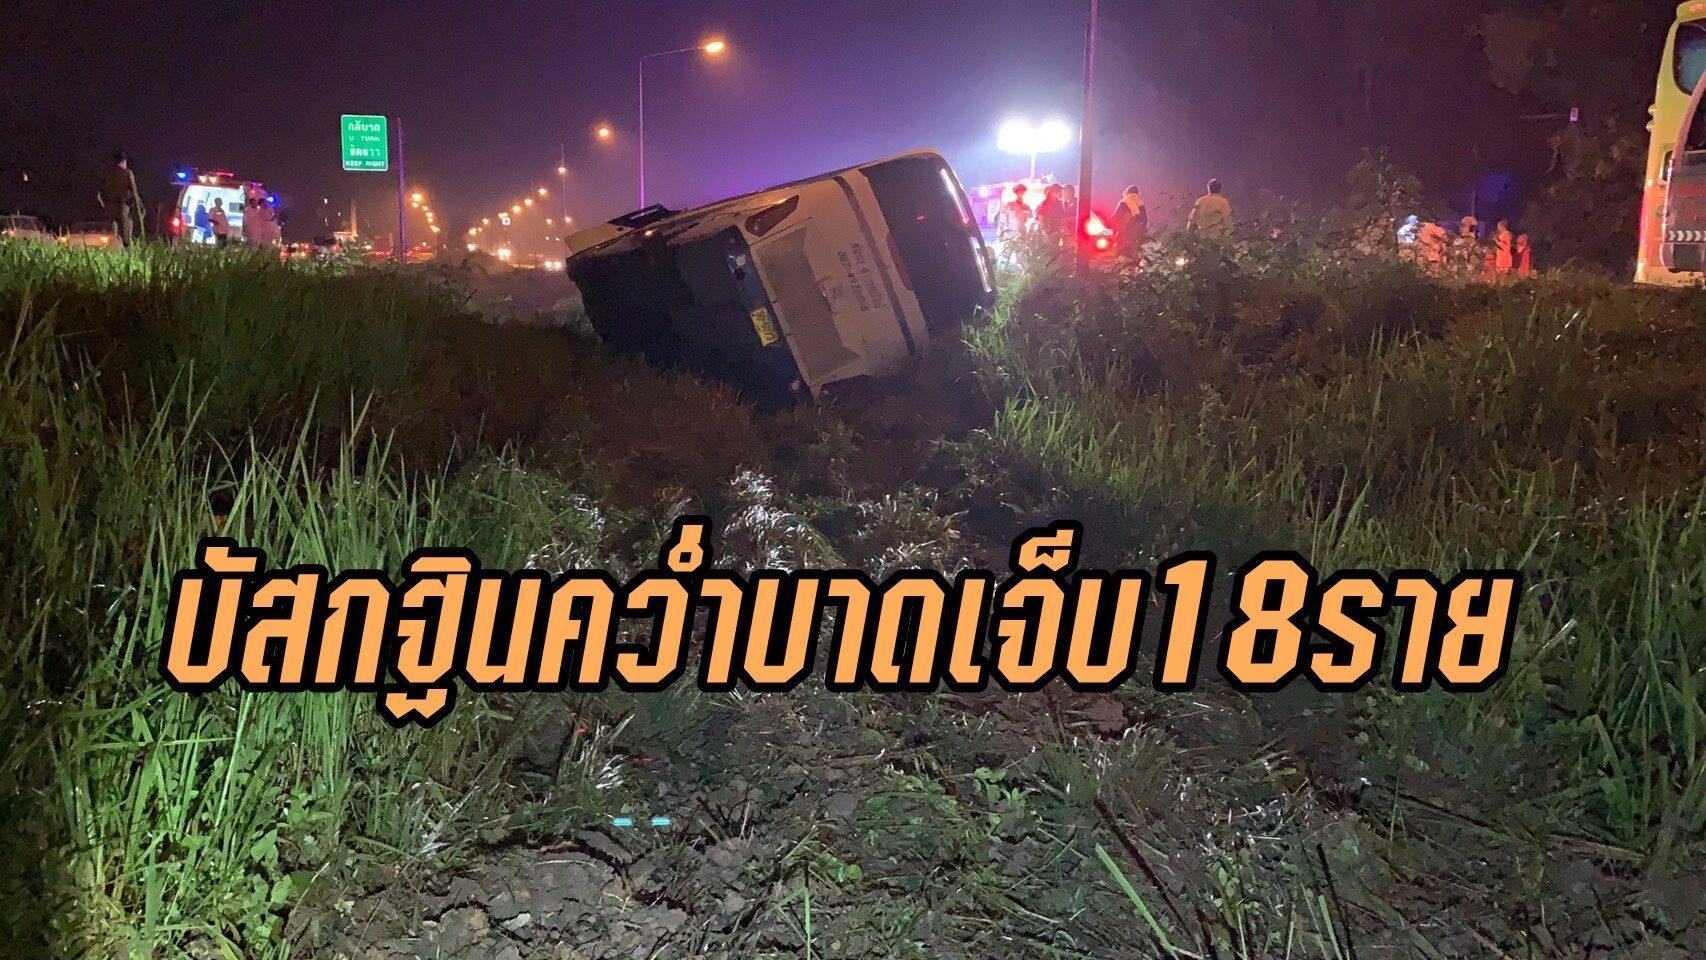 รถบัสกฐินเทกระจาดเสียหลักพุ่งลงในคูได้รับบาดเจ็บ 18 ราย